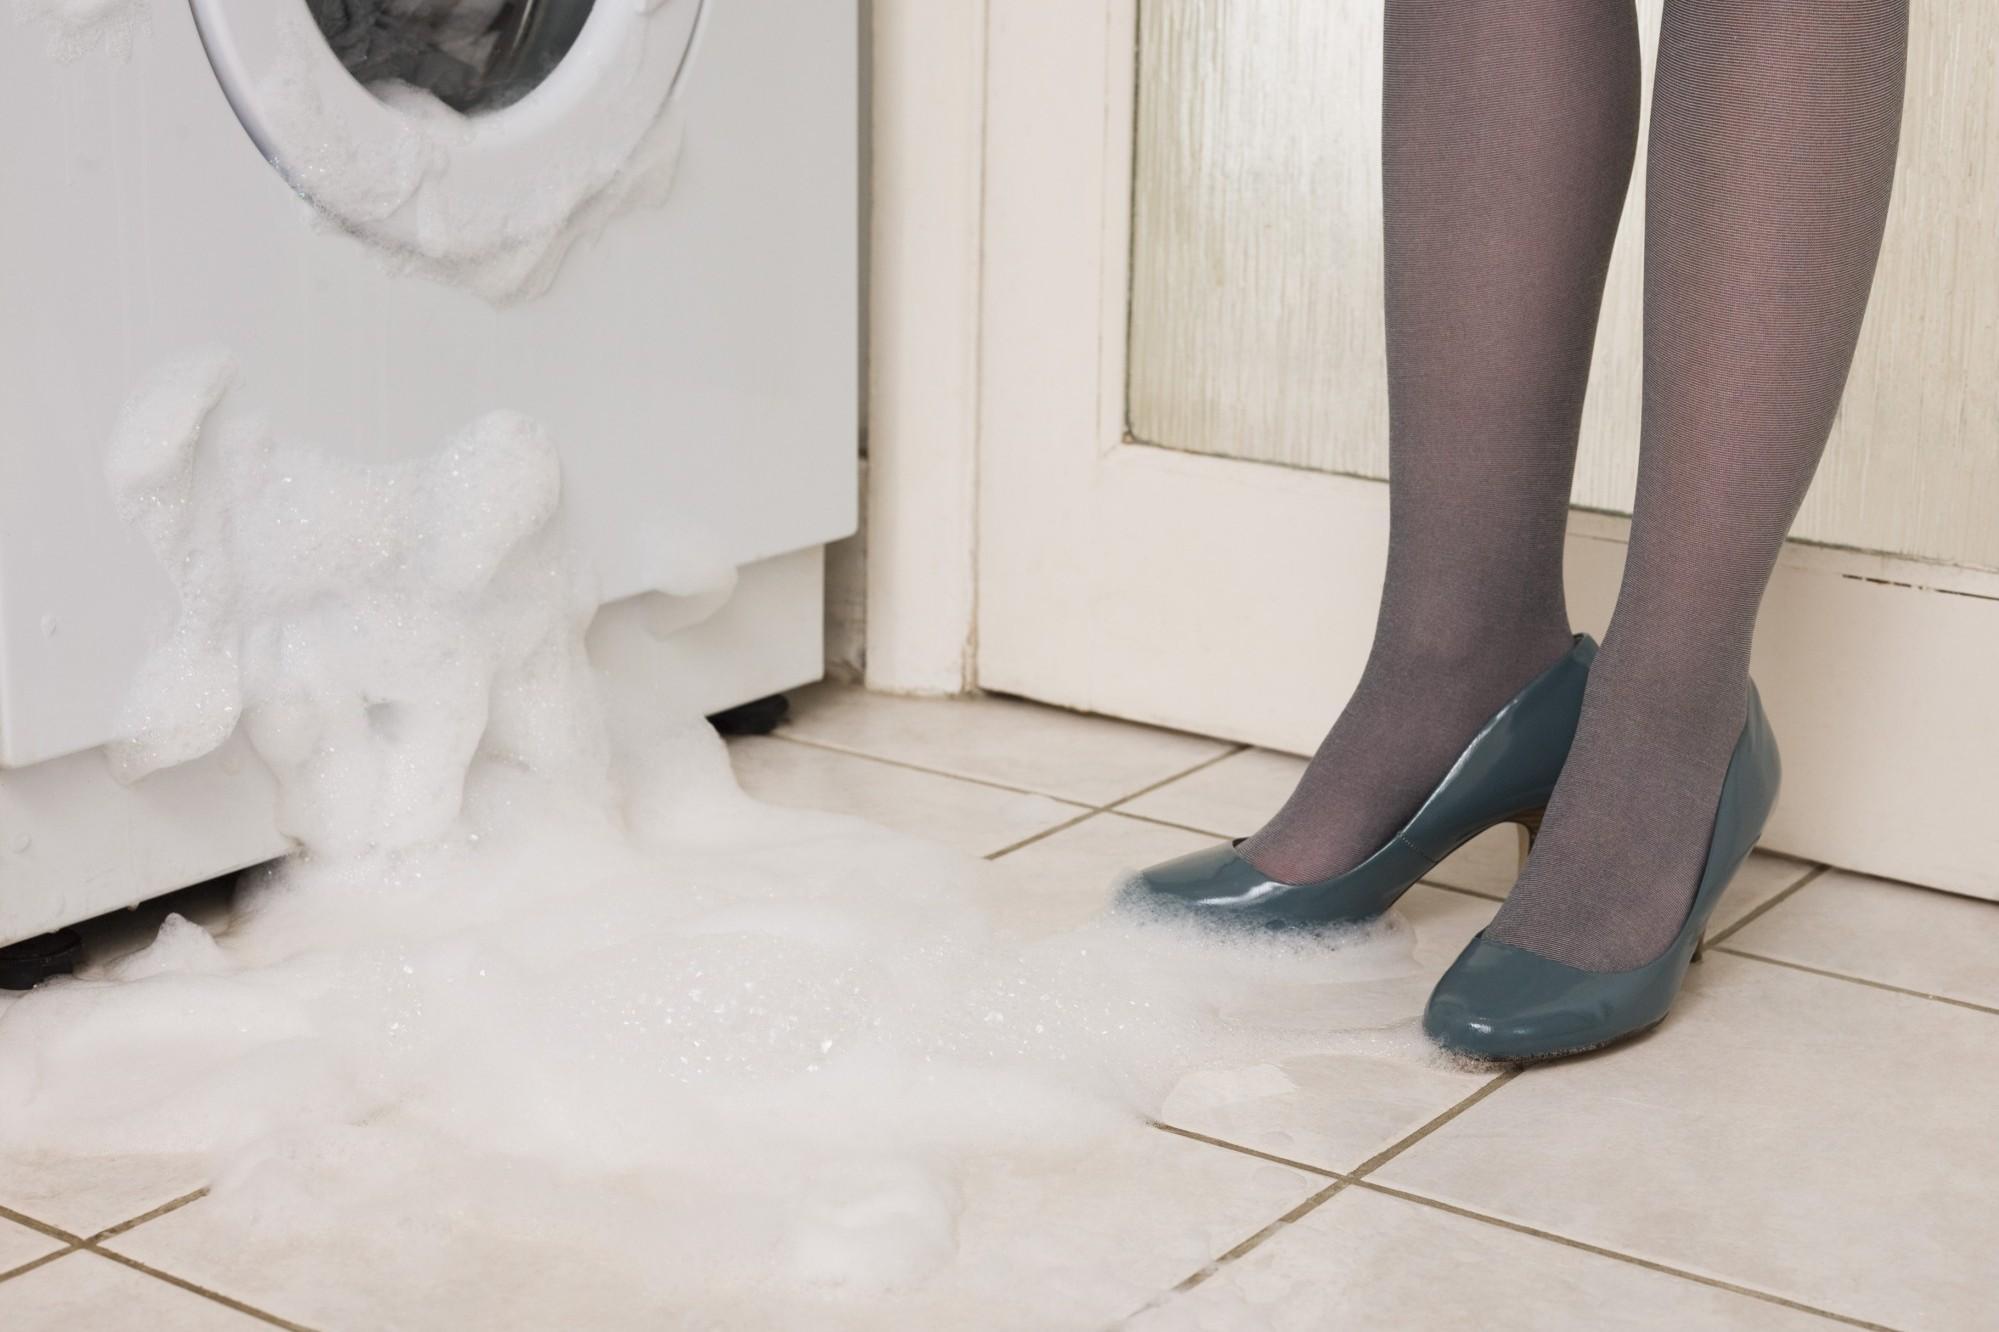 пральна машинка потекла